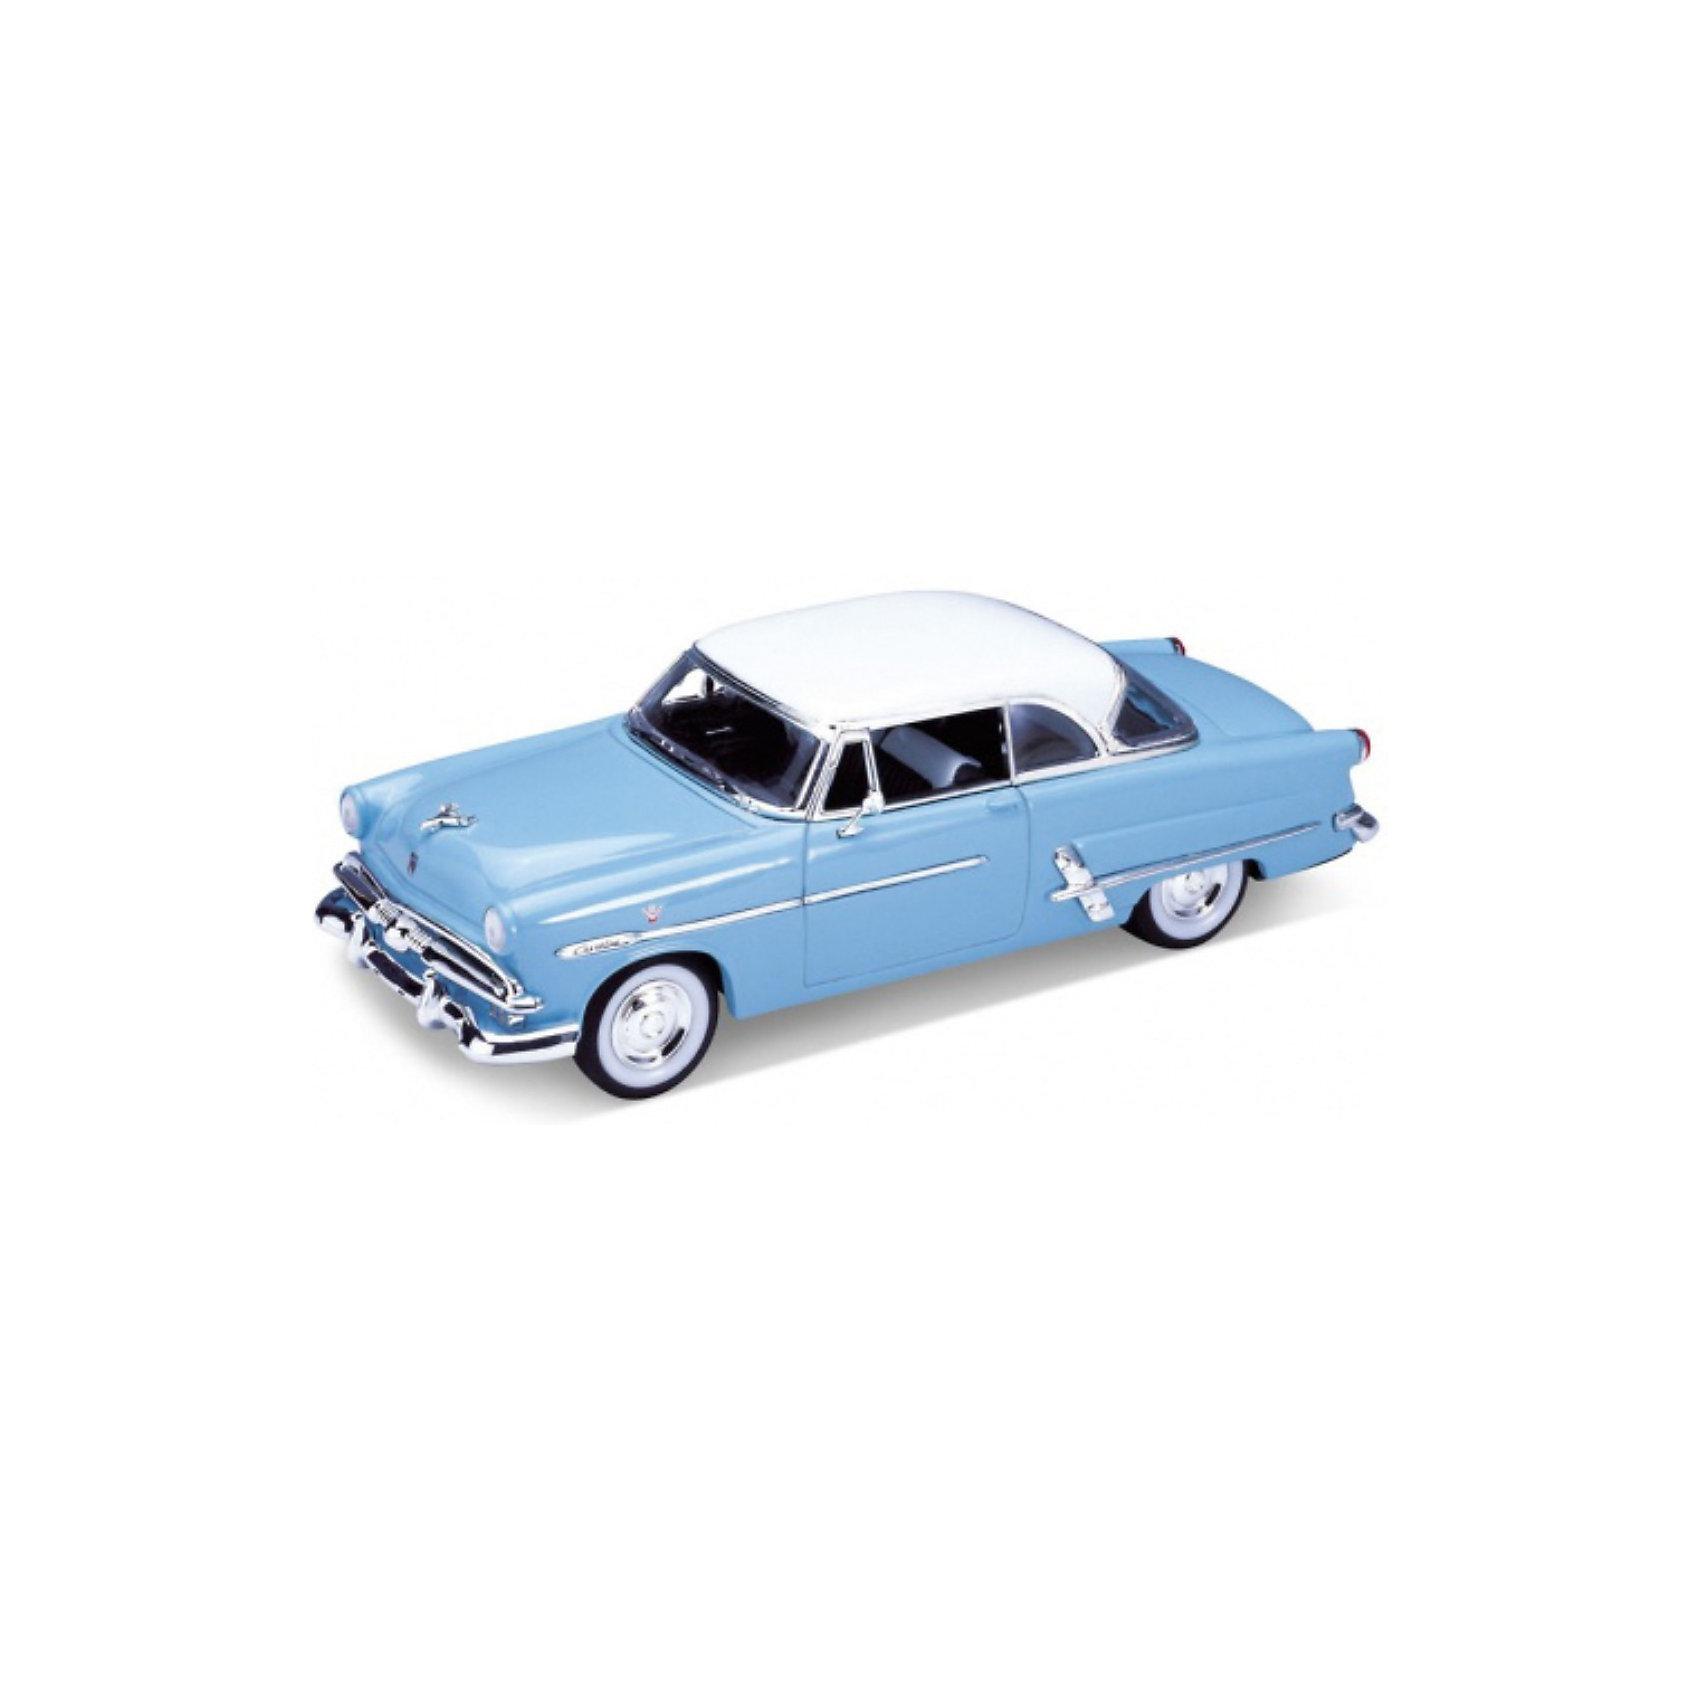 Модель винтажной машины 1:24 Ford Victoria 1953, WellyМашинки<br>Модель винтажной машины Ford Victoria 1953 от Welly (Велли) станет замечательным подарком для автолюбителей и коллекционеров всех возрастов. В коллекции масштабных моделей Welly представлено все многообразие автотехники: ретро-автомобили, легковые автомобили различных марок, грузовики, автомобили городских служб и многое другое. Все машинки отличаются высокой степенью детализации и тщательной проработкой всех элементов.<br><br>Машинка Ford Victoria 1953 голубого цвета с белой крышей - это точная копия настоящего ретро-автомобиля в масштабе 1:24. Автомобиль Ford Victoria был выпущен в 1953 году и отличался оригинальным дизайном с заниженной крышей и хромированными элементами кузова. Модель от Welly оснащена прочными стеклами, интерьер салона и органы управления тщательно проработаны. Двери и багажник открываются, колеса вращаются. Корпус машинки выполнен из металла, а отделка салона и декоративные элементы из пластика.<br><br>Дополнительная информация:<br><br>- Материал: металл, пластик, колеса прорезиненные.<br>- Масштаб: 1:24.<br>- Размер модели: 8 х 18 х 5 см.<br>- Размер упаковки: 11 х 23 х 10 см.<br>- Вес: 0,5 кг. <br><br>Модель винтажной машины Ford Victoria 1953, Welly можно купить в нашем интернет-магазине.<br><br>Ширина мм: 230<br>Глубина мм: 110<br>Высота мм: 110<br>Вес г: 534<br>Возраст от месяцев: 36<br>Возраст до месяцев: 192<br>Пол: Мужской<br>Возраст: Детский<br>SKU: 3777881